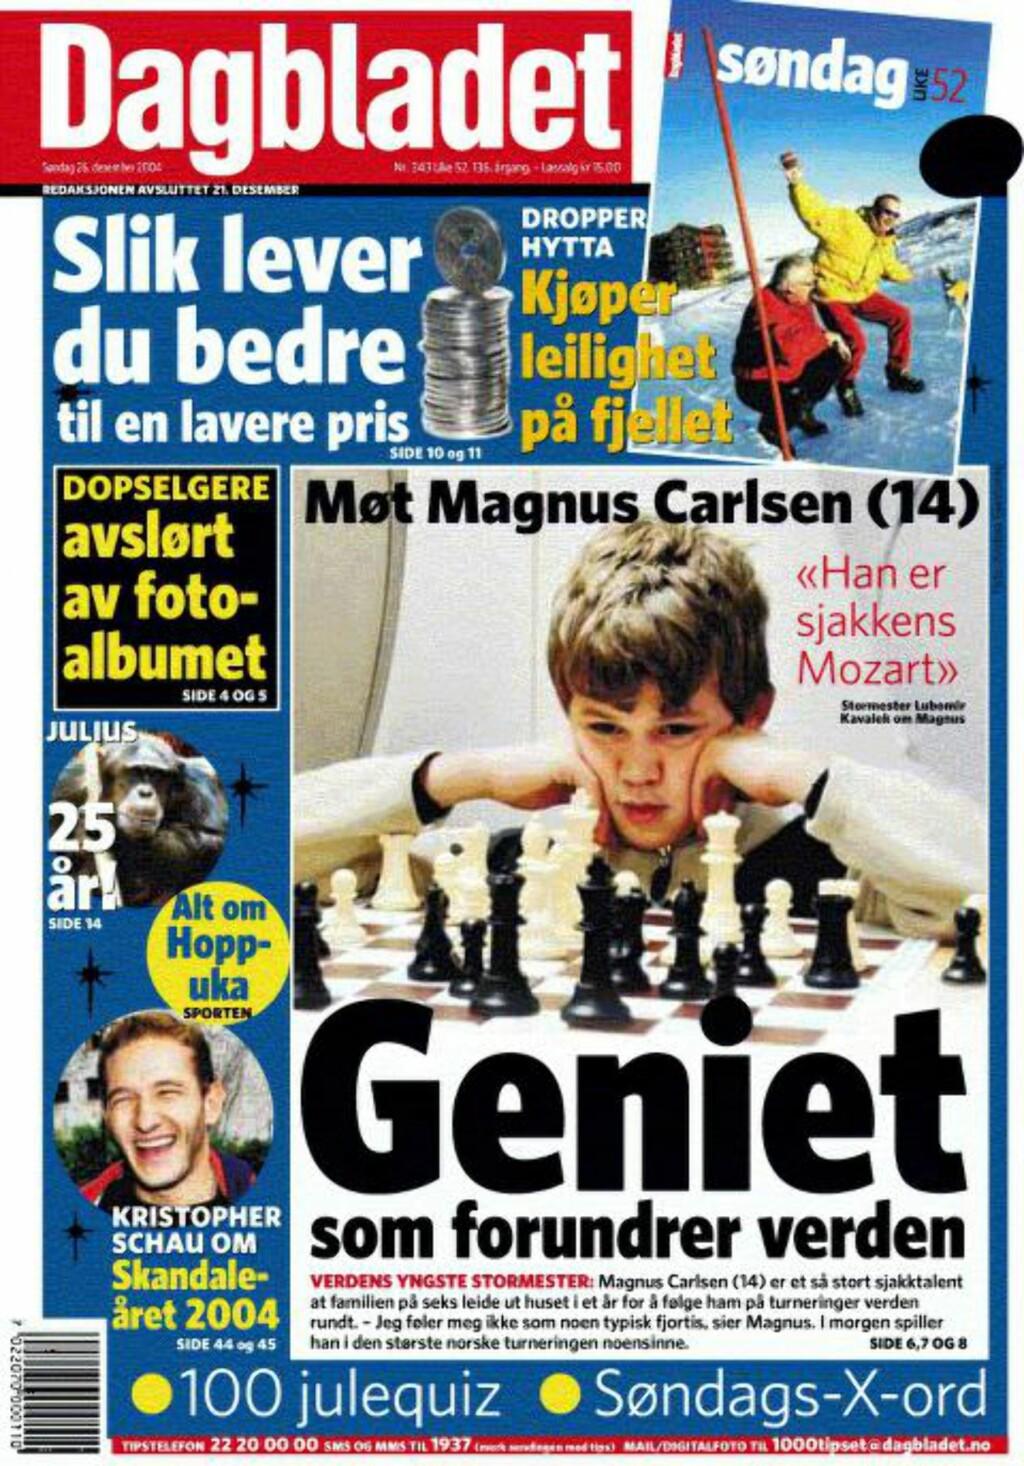 """TI ÅR: Det er snart ti år siden Magnus Carlsen prydet Dagbladets forside som """"Geniet som forundrer verden"""". Faksimile: Dagbladet"""